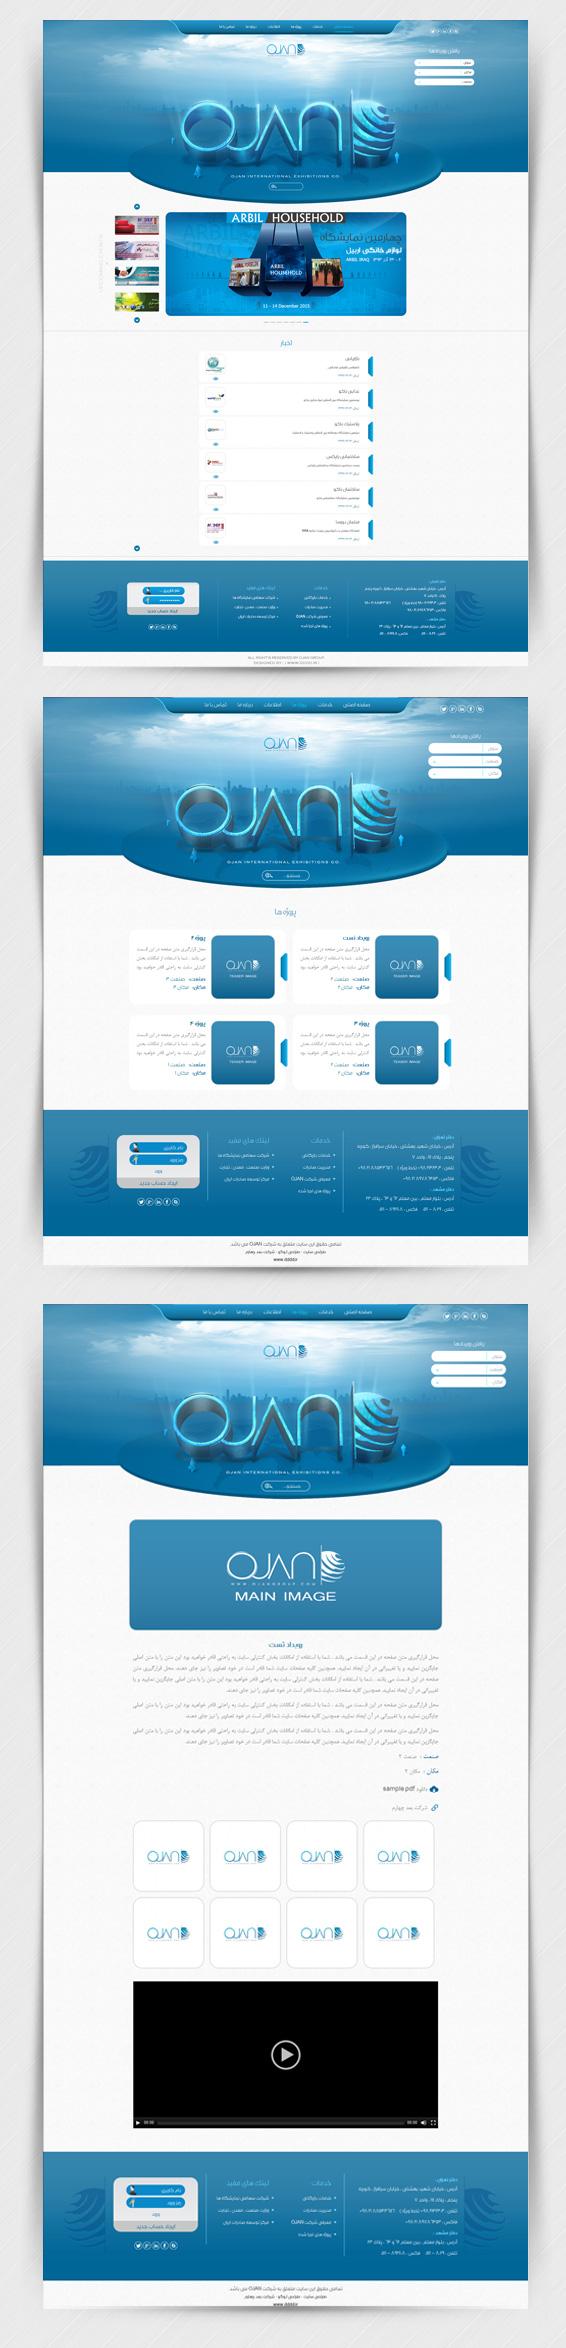 طراحی سایت شرکت نمایشگاهی بین المللی اوژن